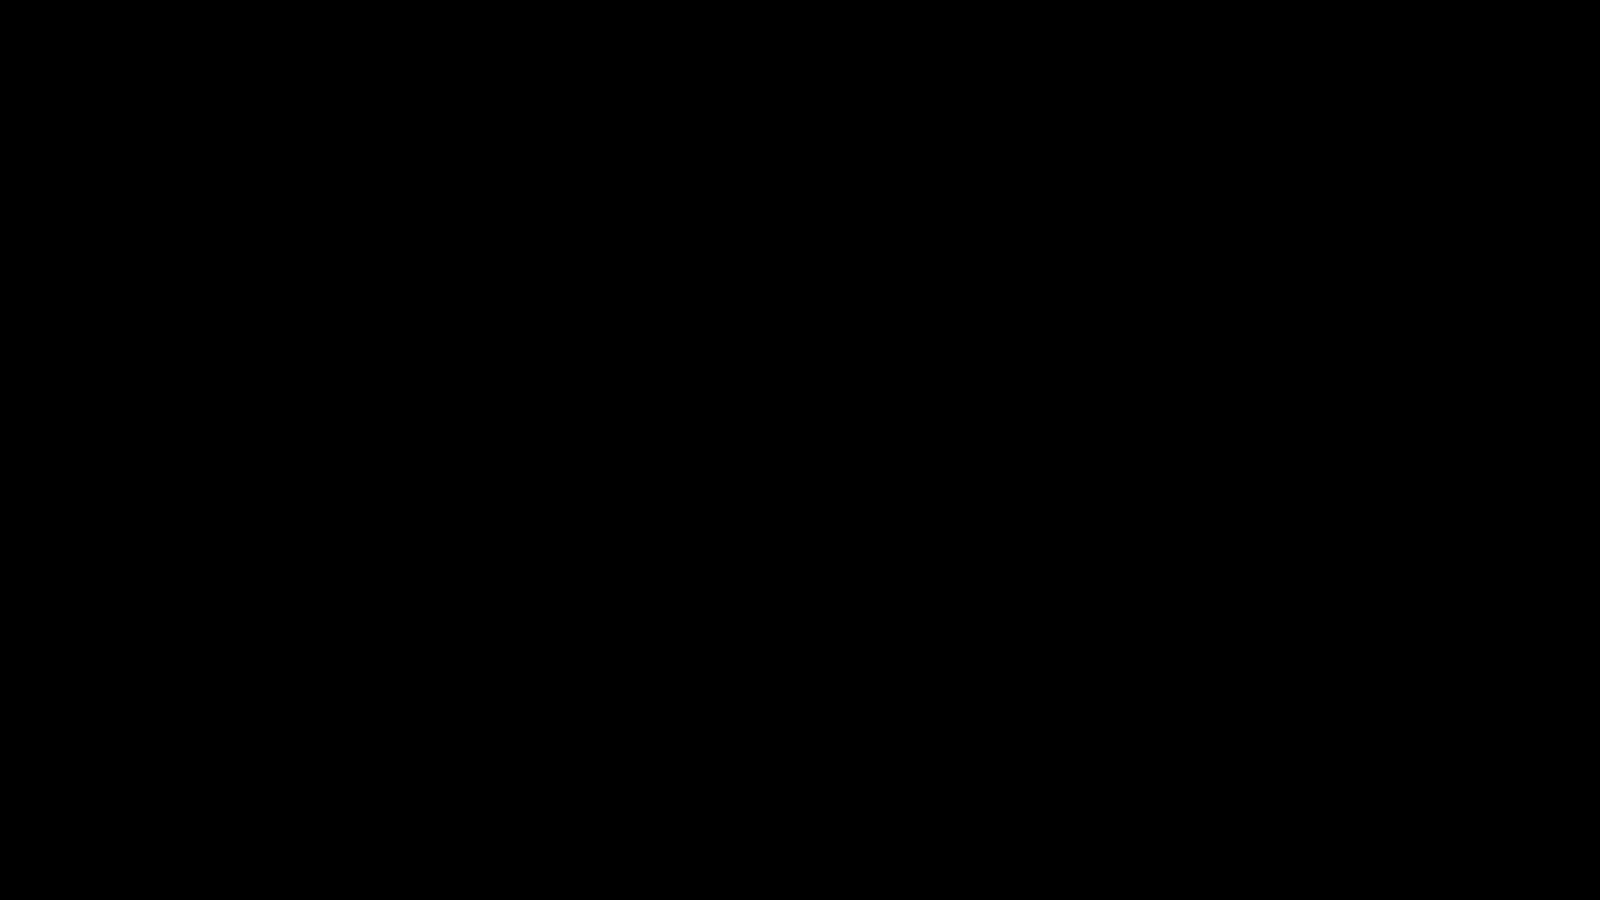 Découvrez l'apnée et votre respiration avec Marine Grosjean, championne du monde de monopalme 🌬 Nombreux bénéfices : amélioration des conditions sportives, gestion des émotions et du stress, lutte contre le mal de dos, et bien d'autres. 1, 2, 3 c'est parti !  Retrouvez Marine Grosjean ici 👉 https://bit.ly/2LPd3Td Toutes nos astuces sur 👉 https://www.sportrizer.com/blog/ Vous aimez ? Abonnez-vous à notre chaîne 👉 http://bit.ly/308rmZp